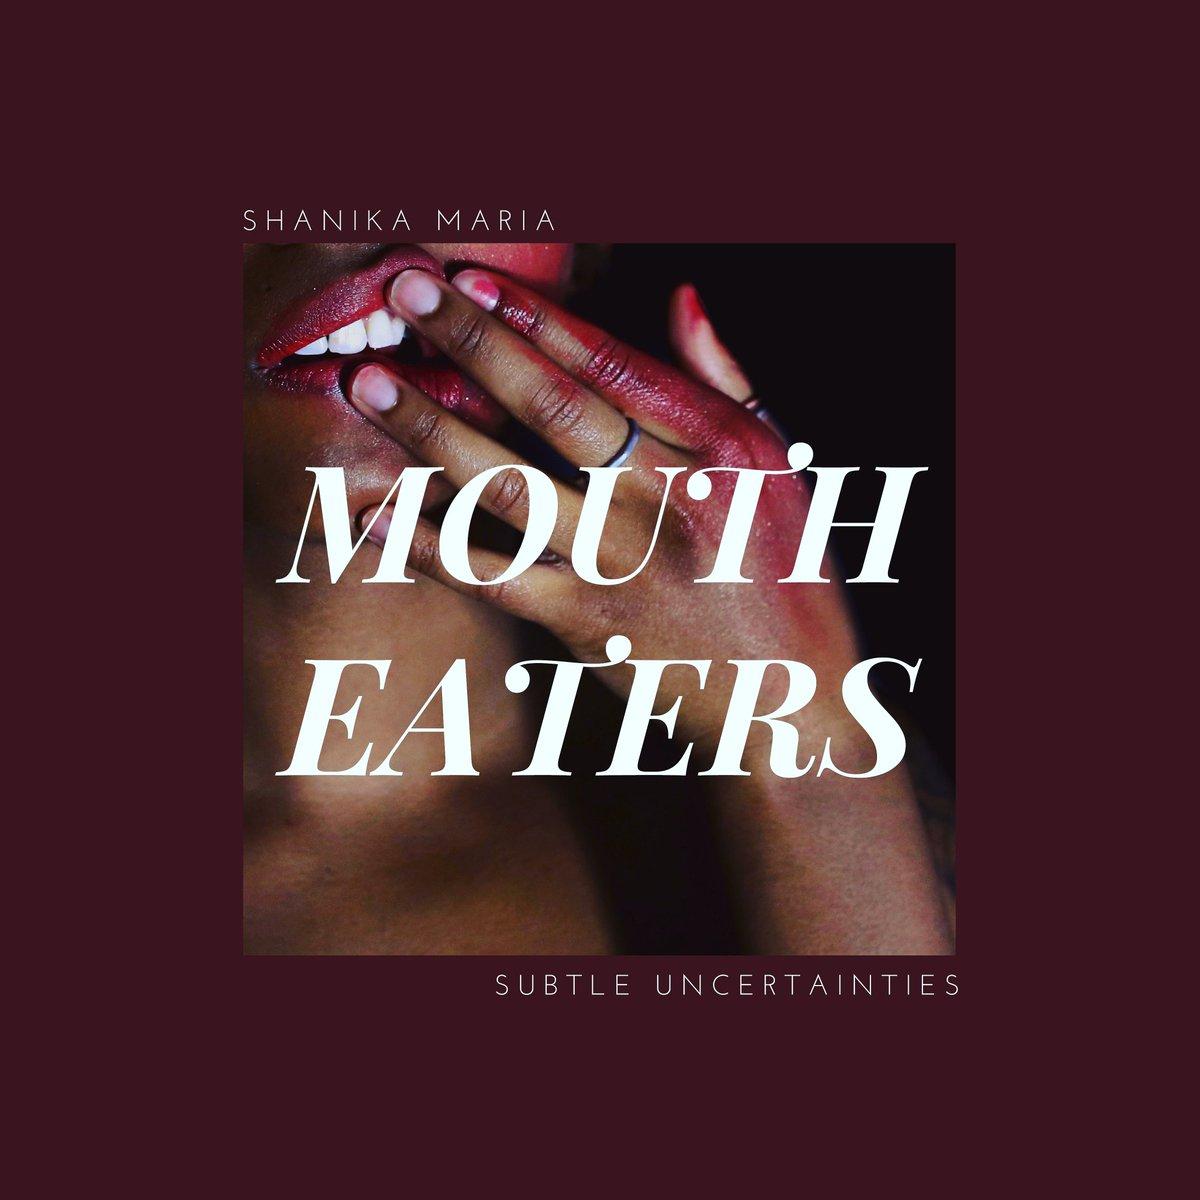 Shanika Maria - Mouth Eaters album art